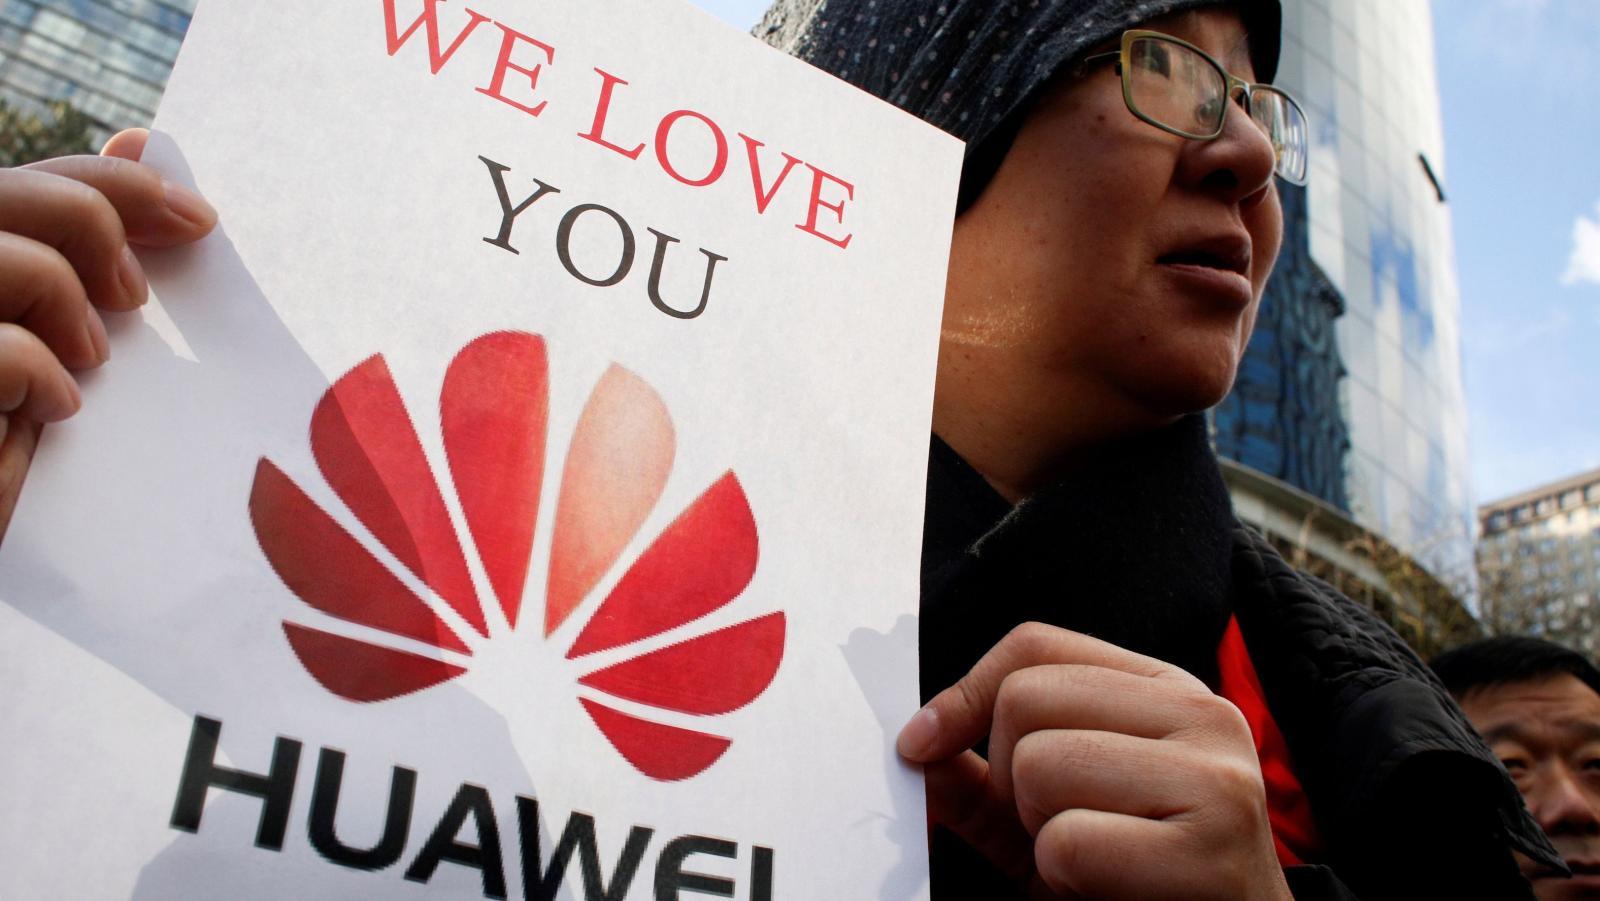 Huawei-2019-e1548241974179.jpg